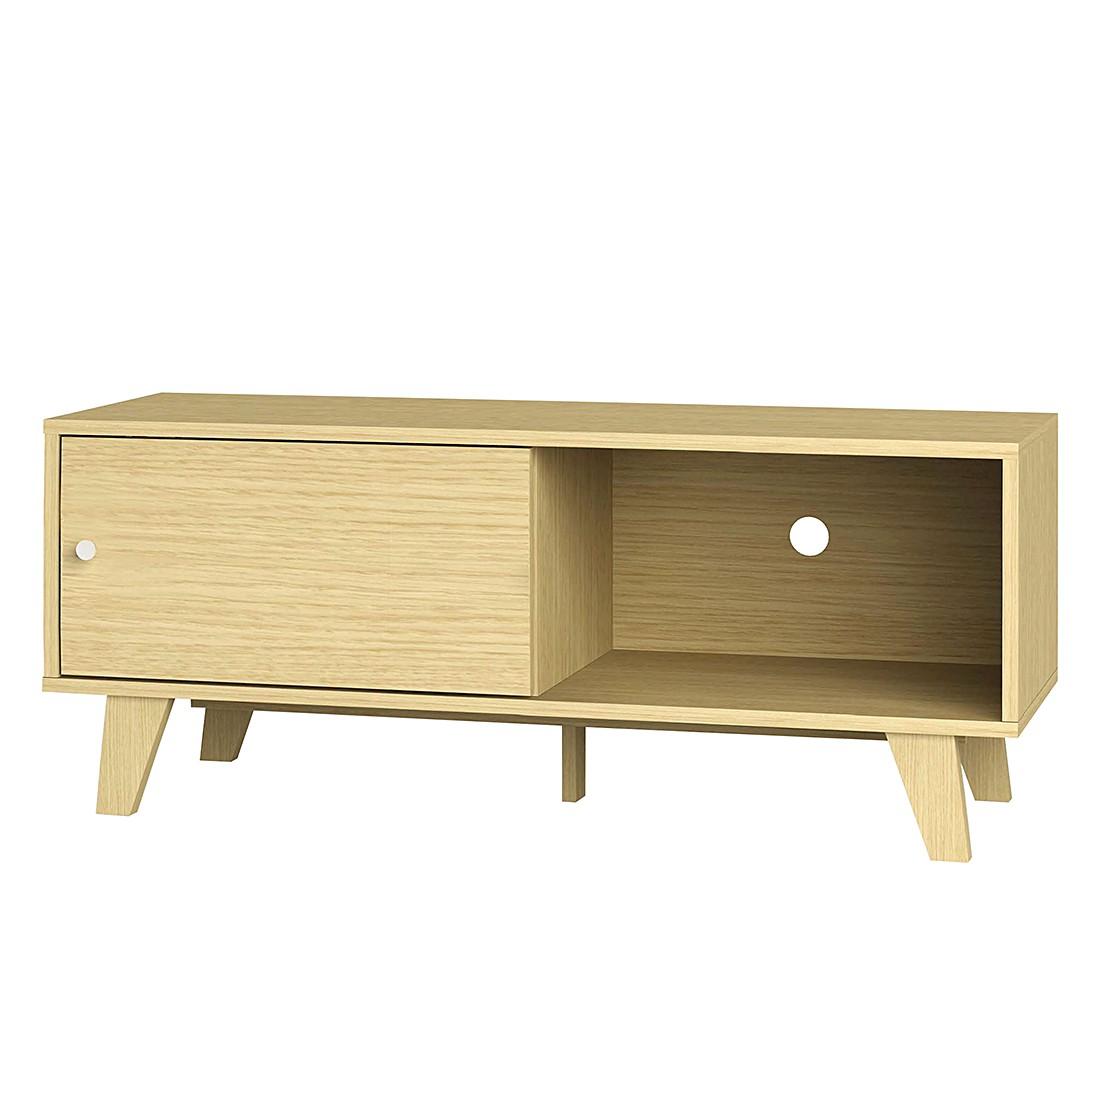 Meubles tv trouvez facilement sur internet meubles tv lebonmeuble - Meubles sur internet ...